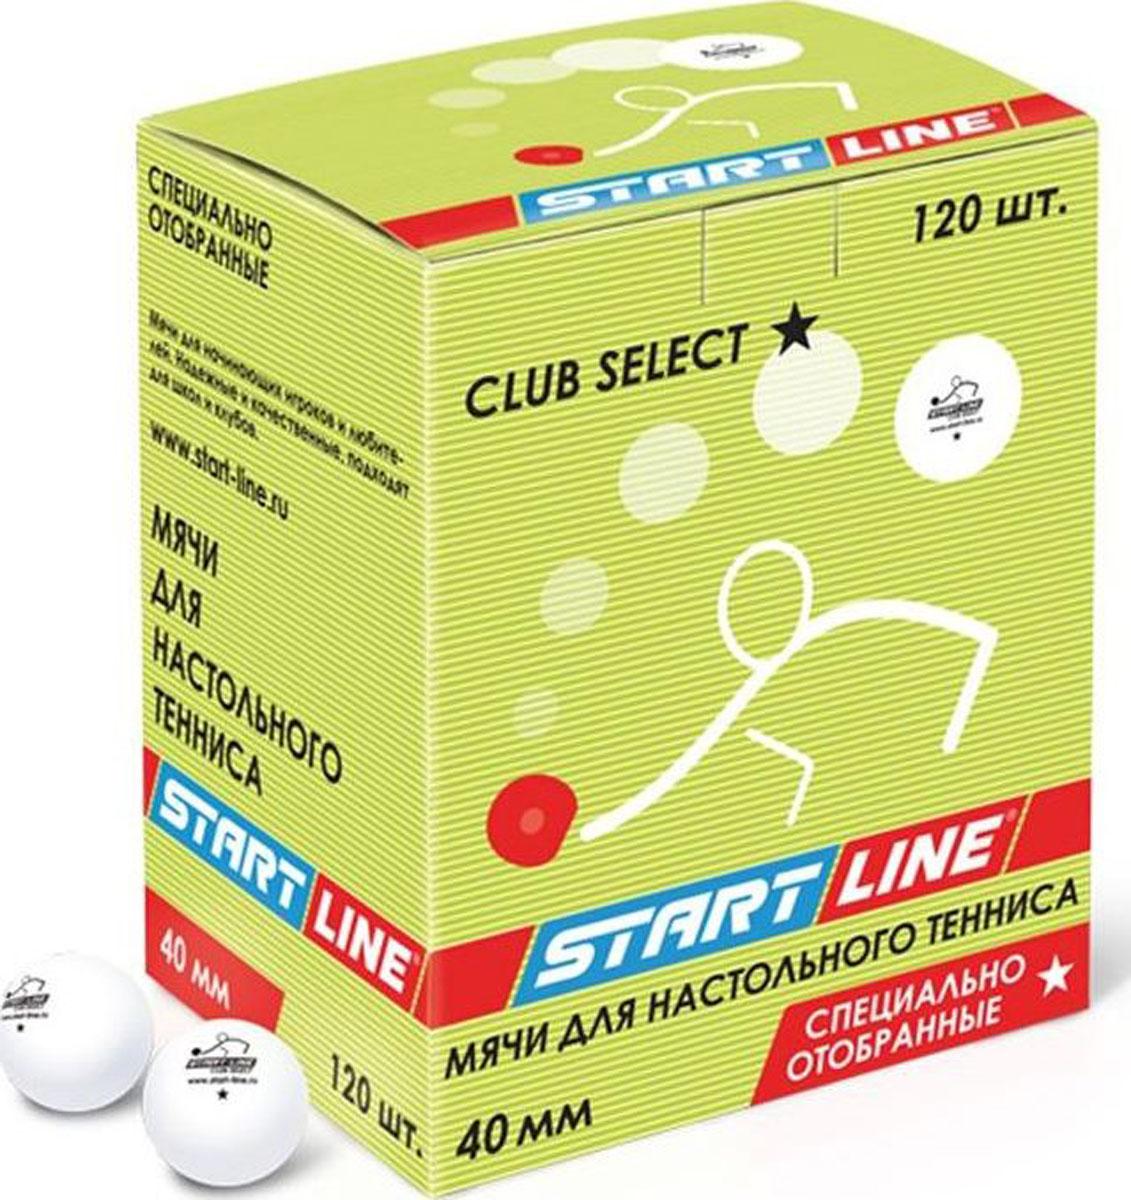 Мяч для настольного тенниса StartLine Club Select, 120 штУТ-00004117Название: Мяч н/т START LINE 1* Club Select белый (120 шт.)Категория: Набор мячей для настольного теннисаОписание: Мячи для начинающих игроков и любителей. Надежные и качественные, подходят для игроков с небольшим опытом.В упаковке: 120 мячей